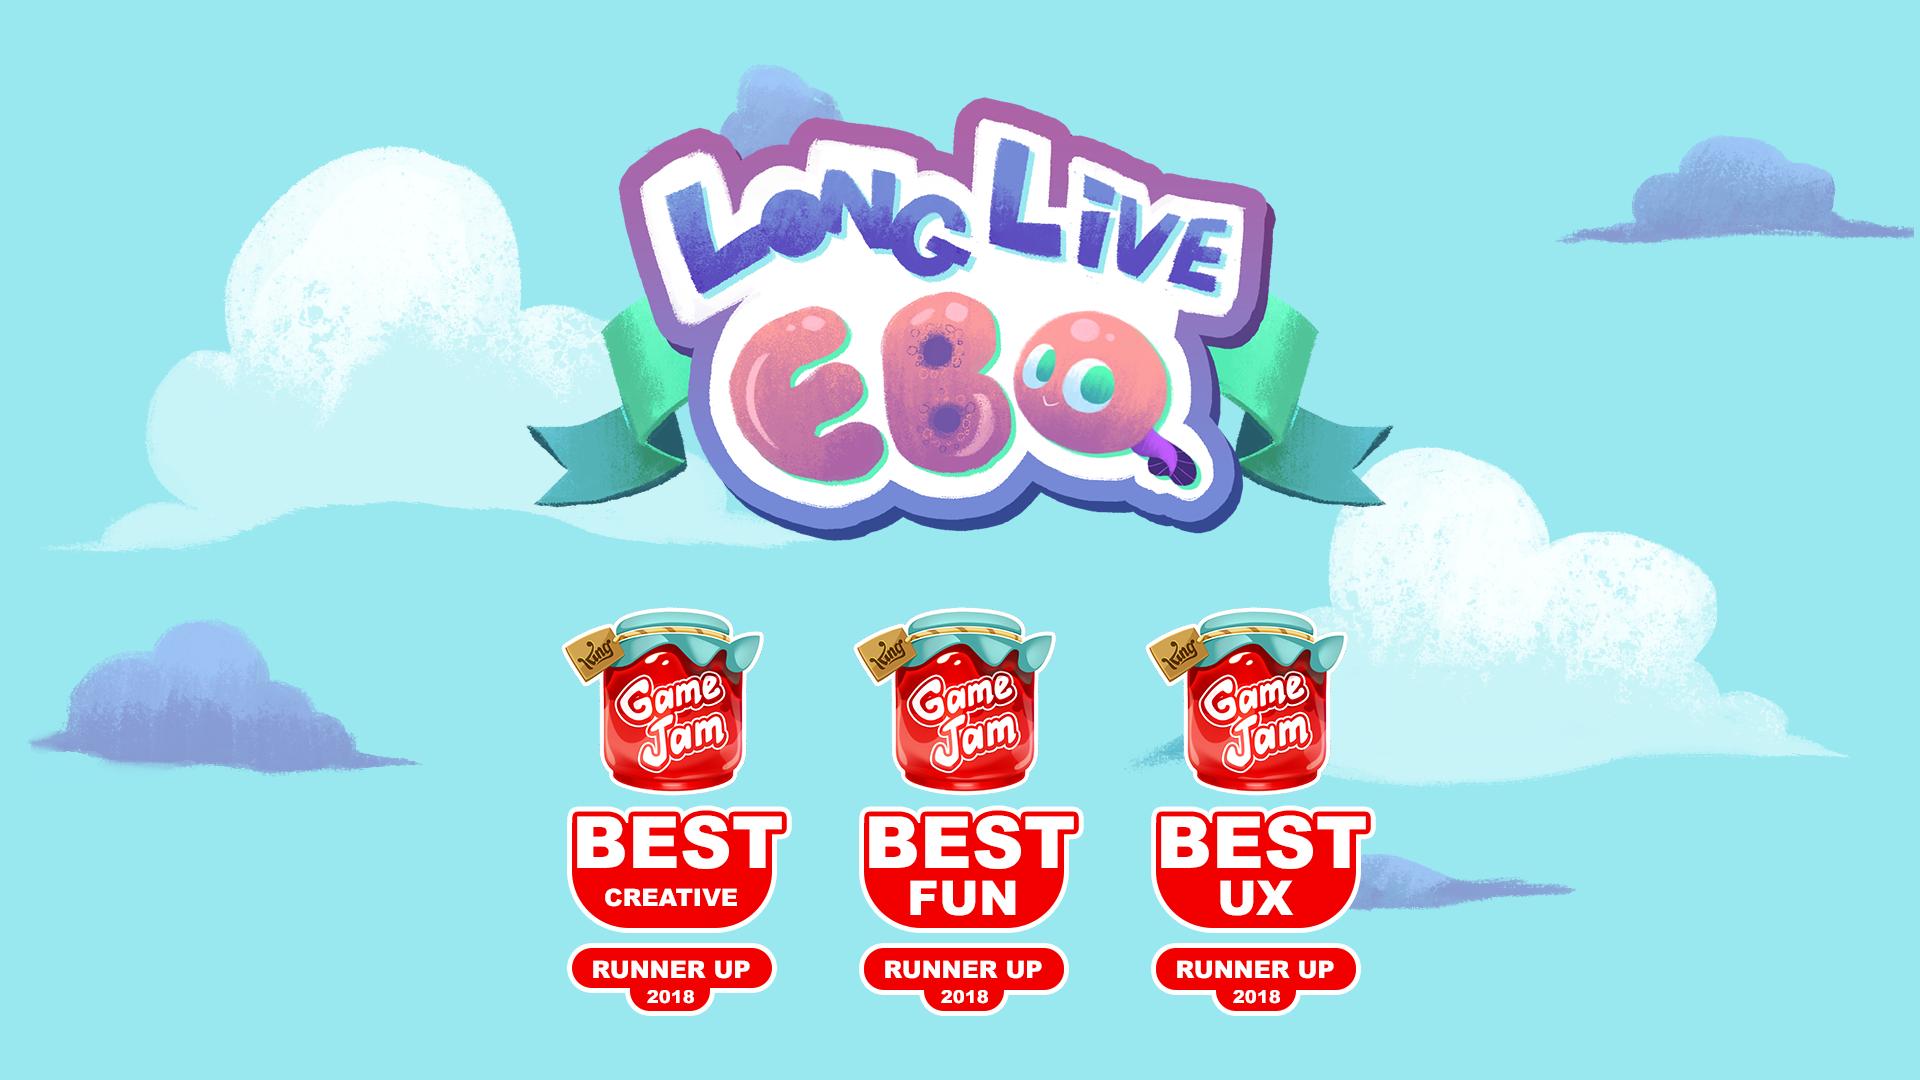 Long Live Ebo